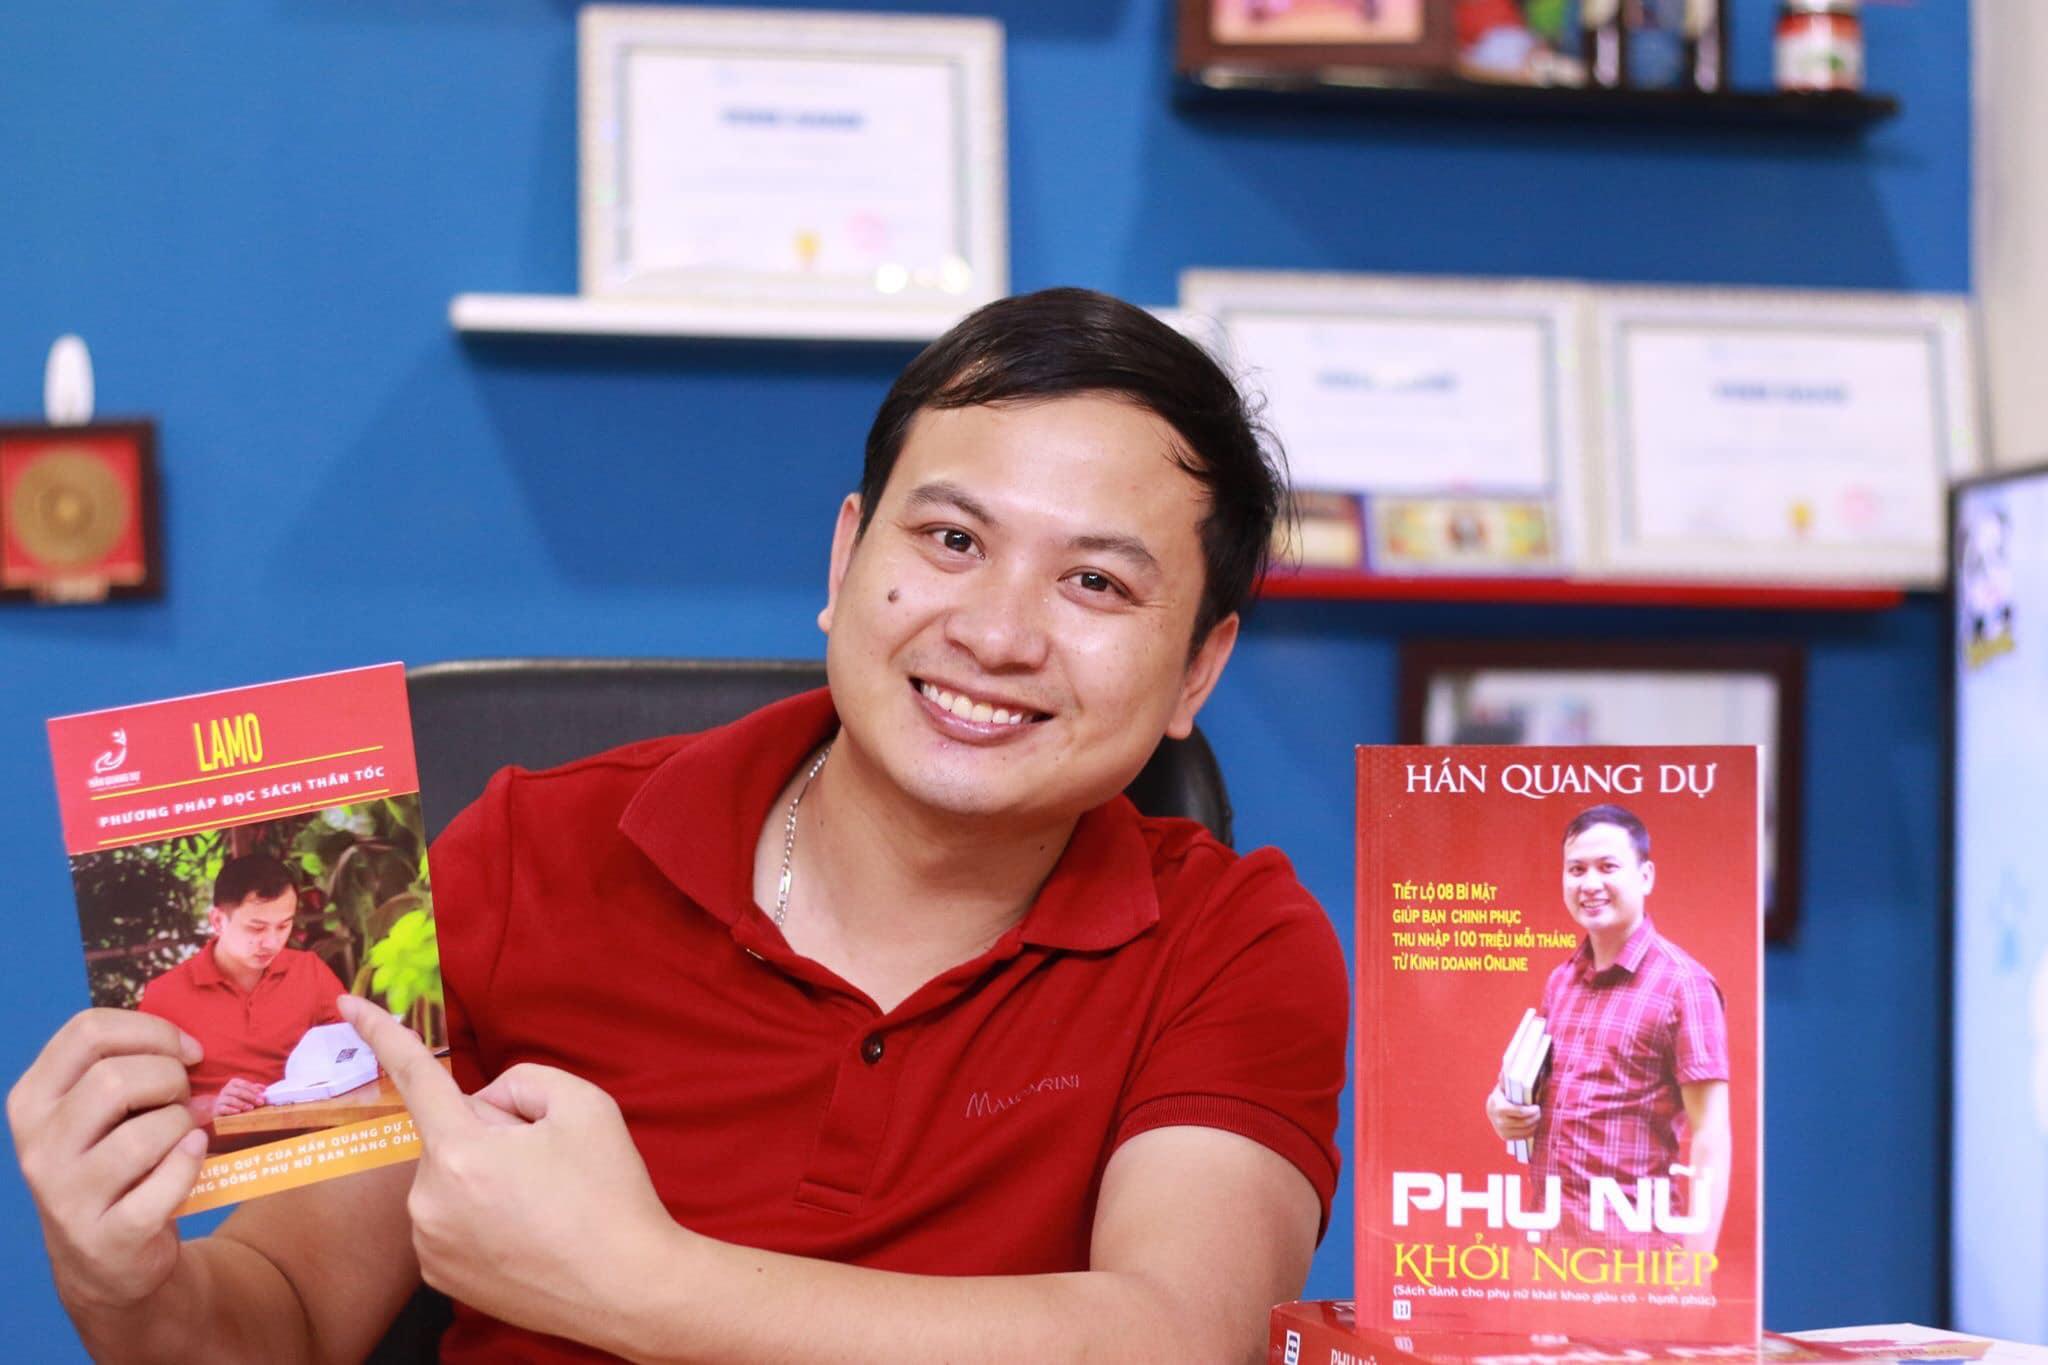 Hán Quang Dự